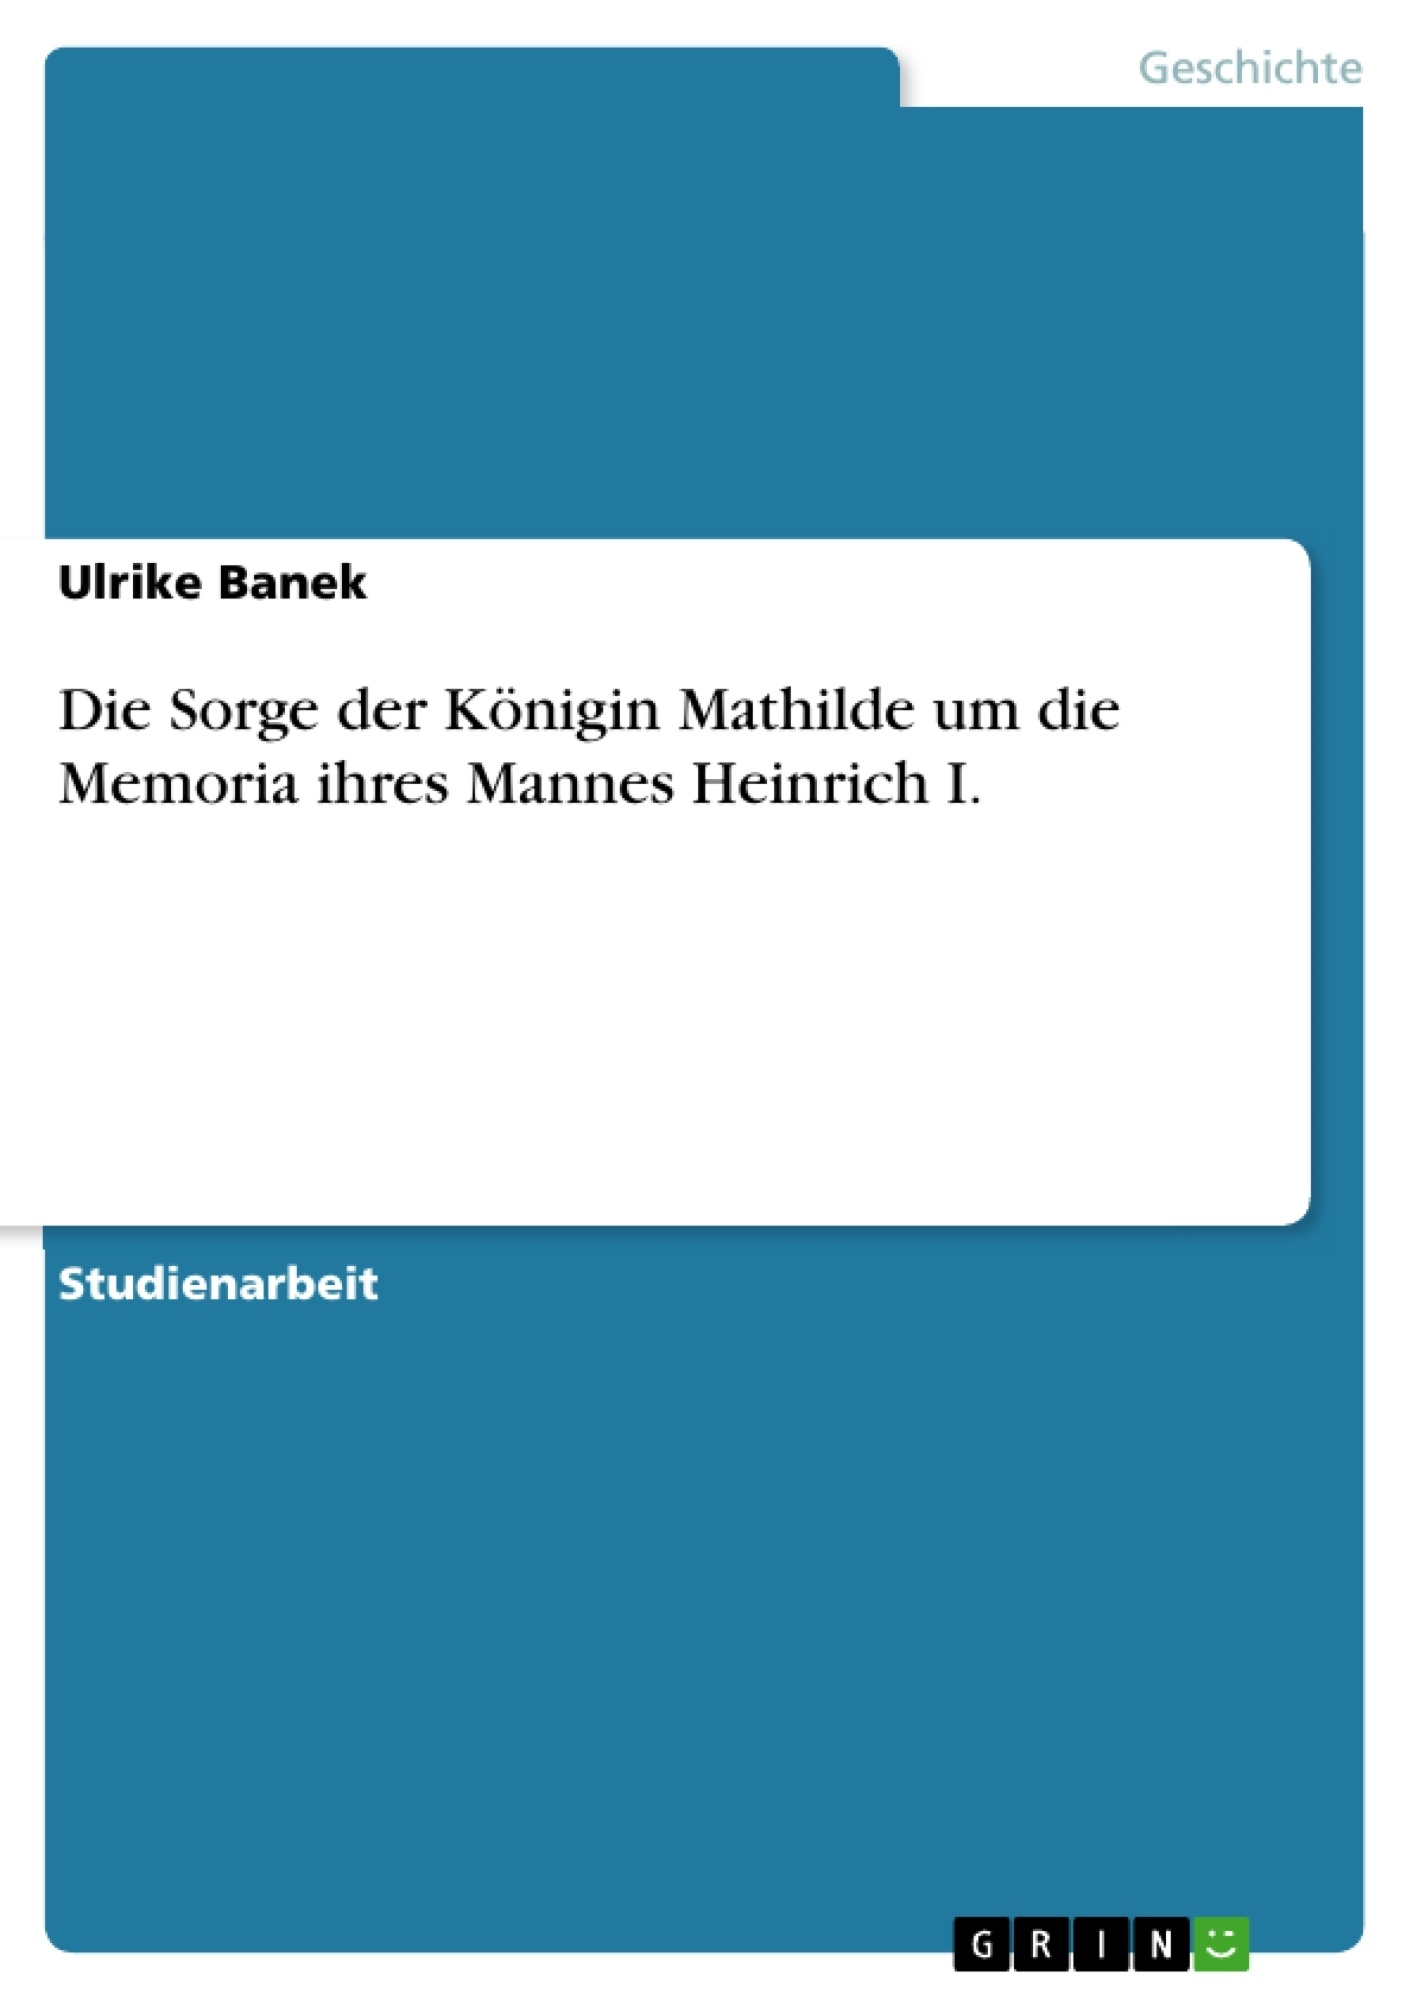 Titel: Die Sorge der Königin Mathilde um die Memoria ihres Mannes Heinrich I.